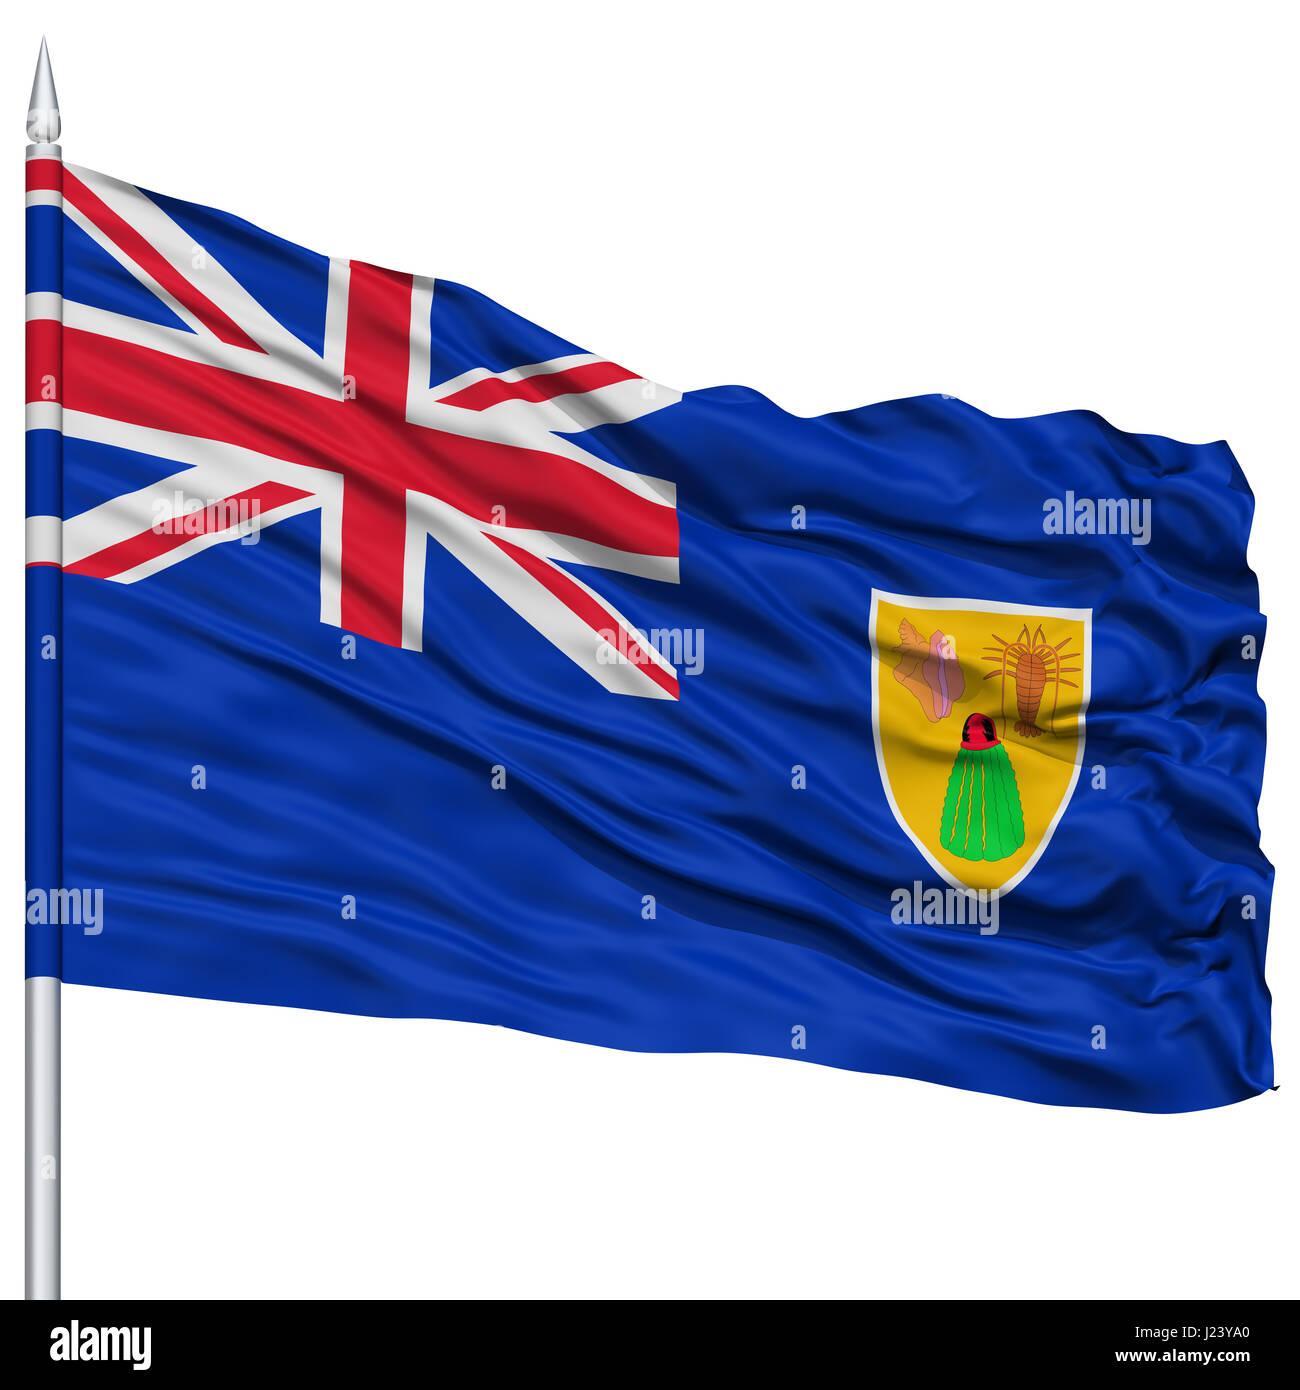 Bandera De Las Islas Turcas Y Caicos